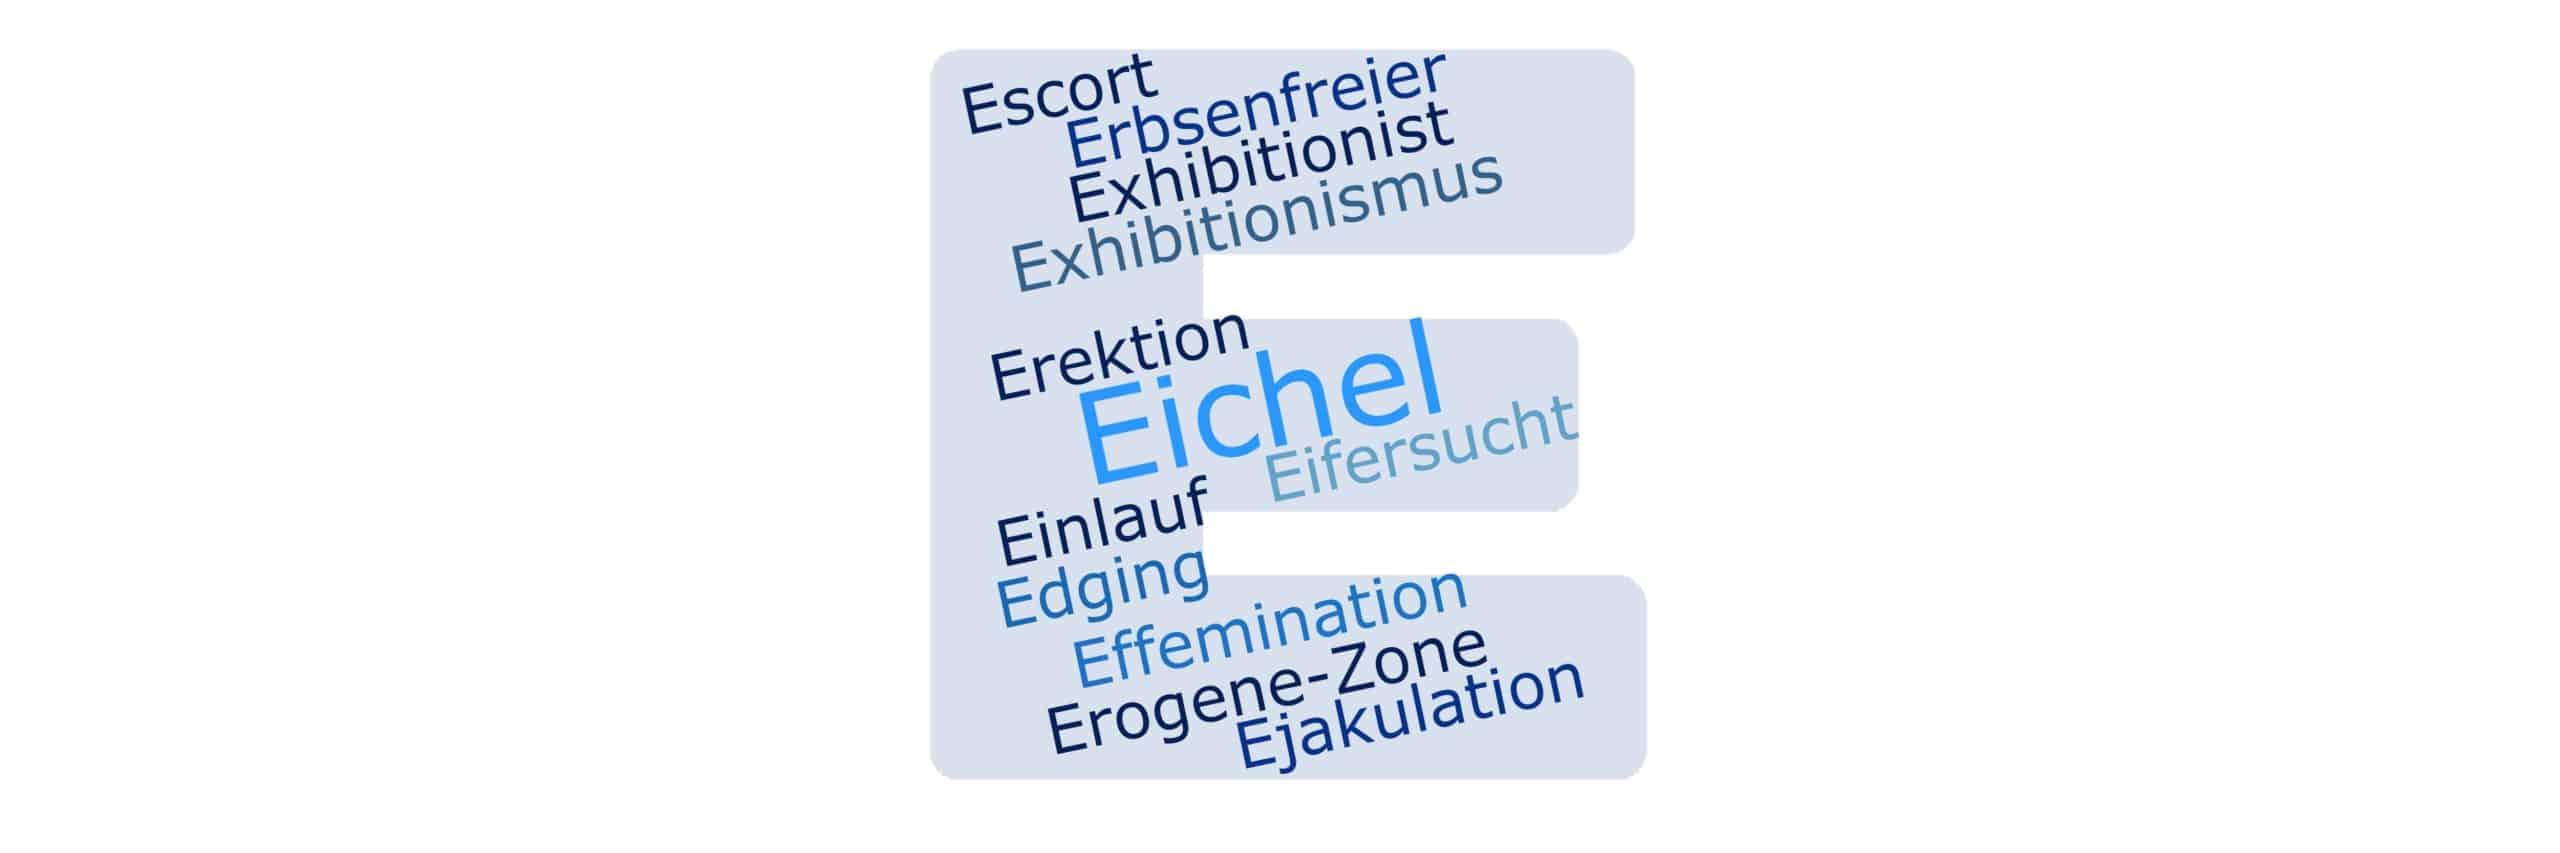 Eichel